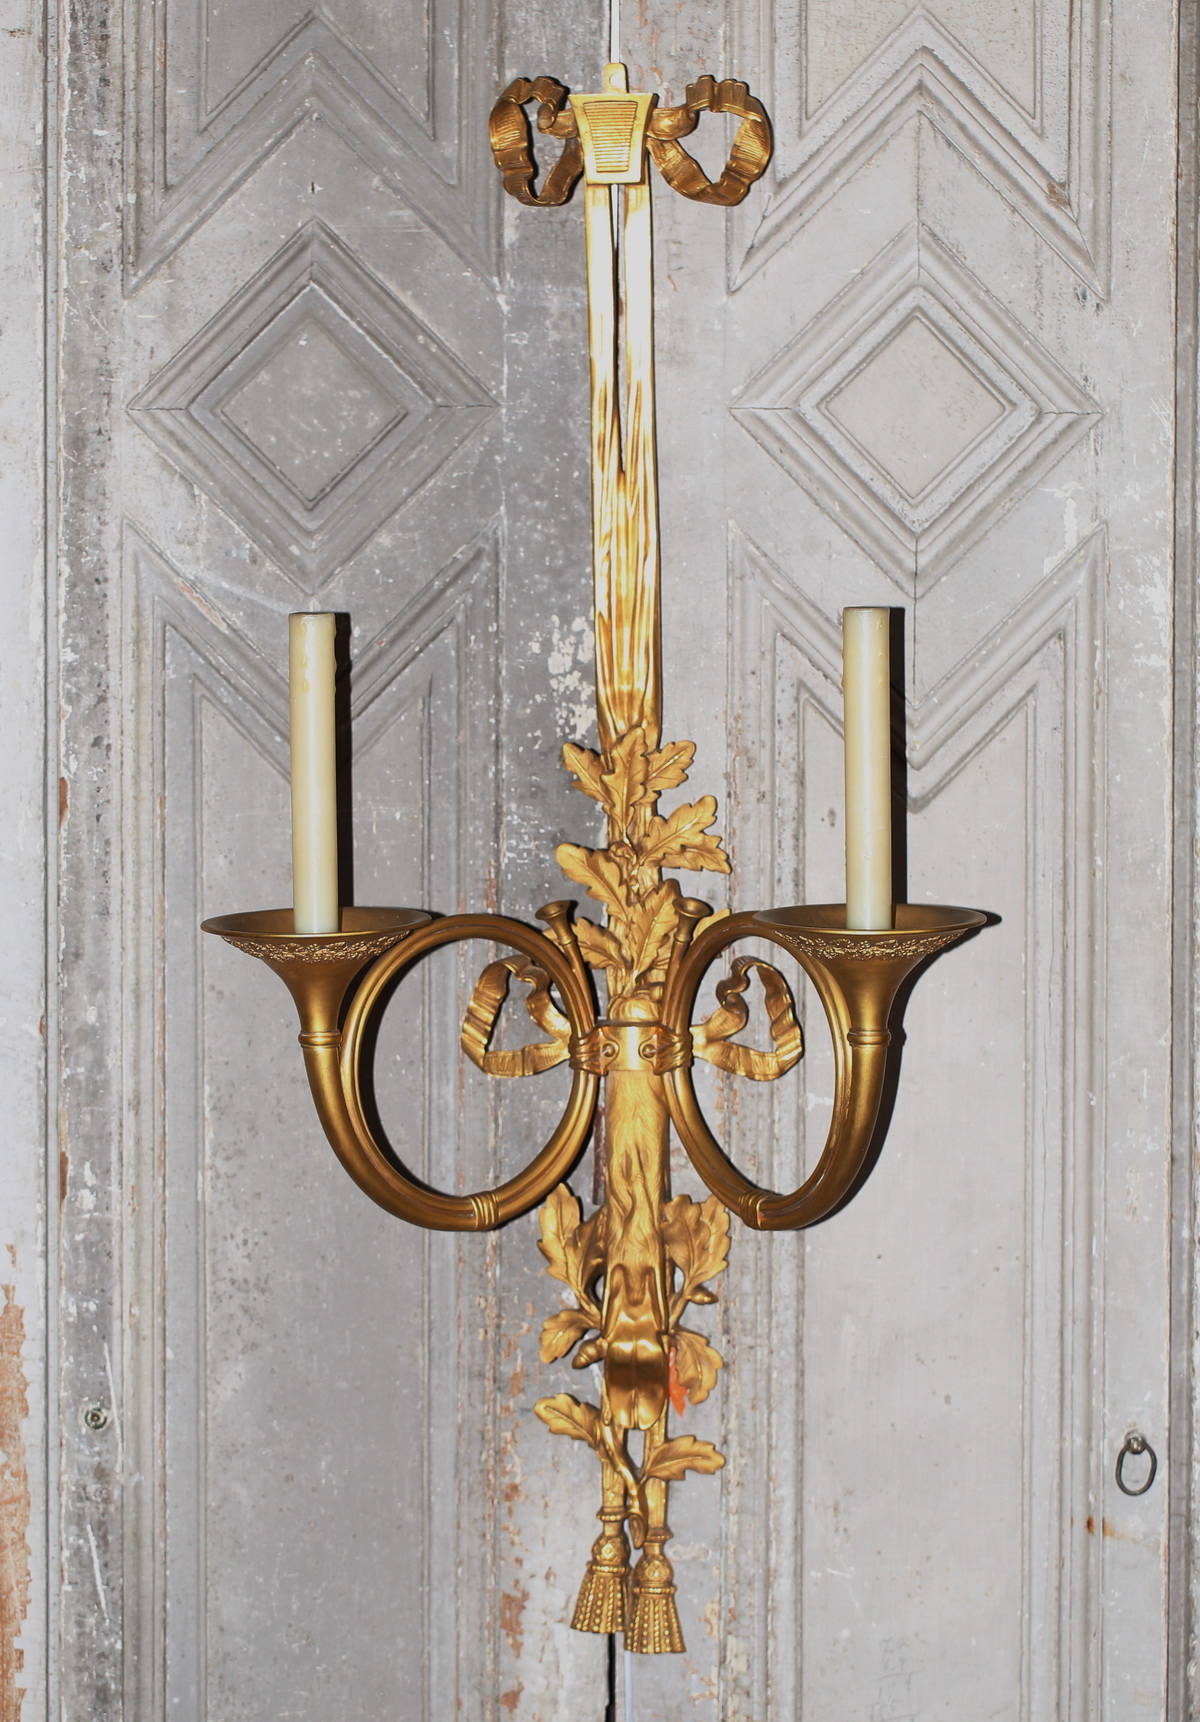 Suite de 4 appliques Louis XVI circa 1900